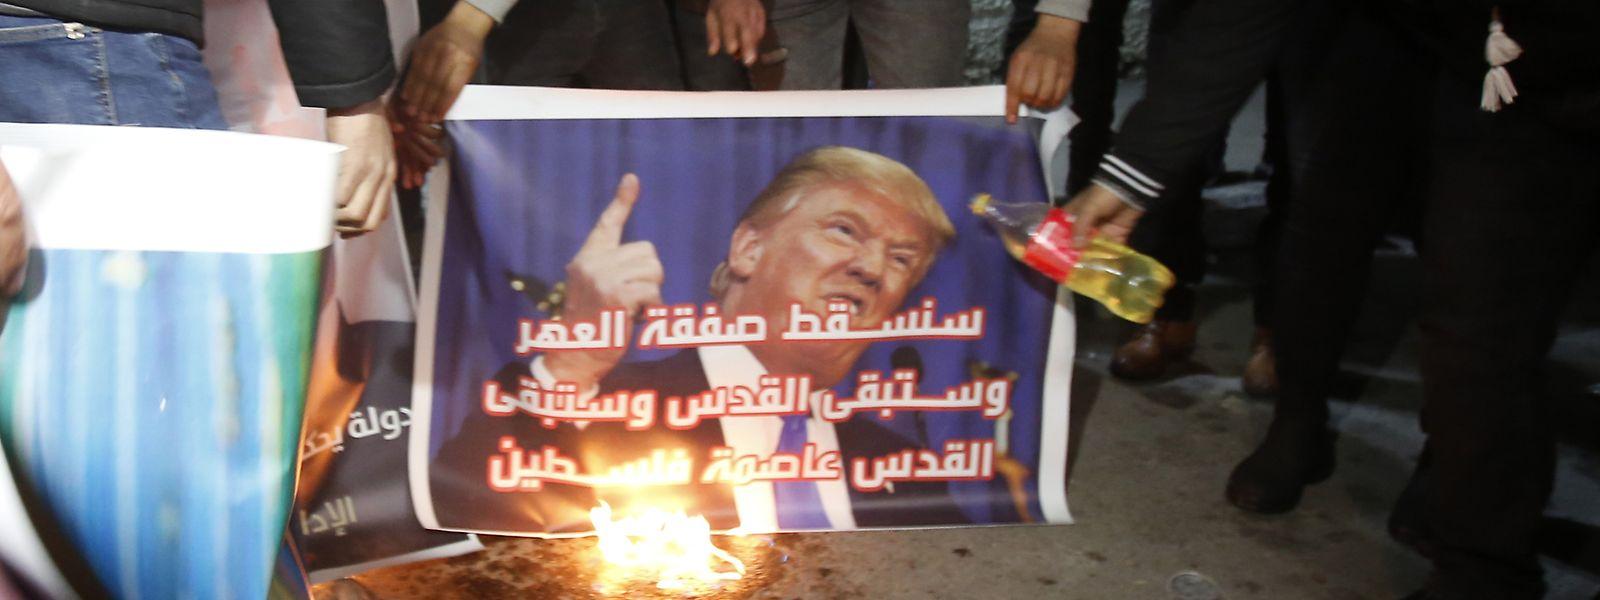 Trumps Nahost-Plan stößt bei den Palästinensern auf wenig Gegenliebe.